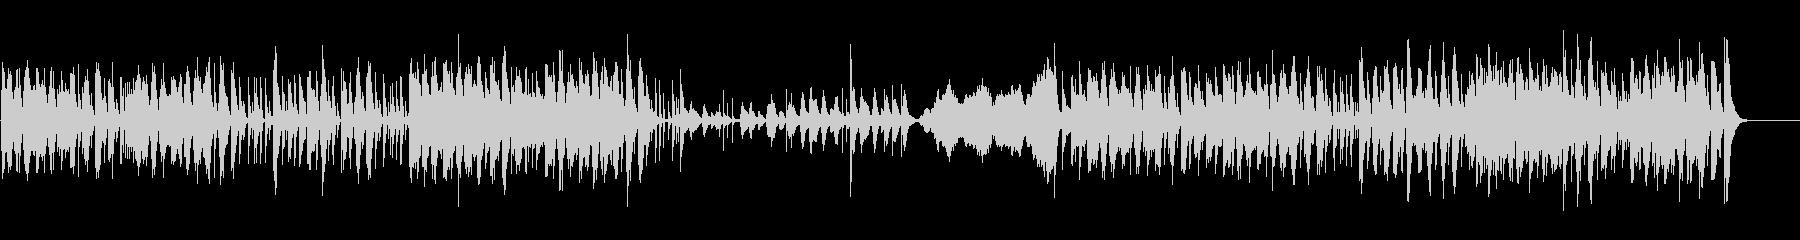 ポップなリズムのコメディータッチ劇伴の未再生の波形